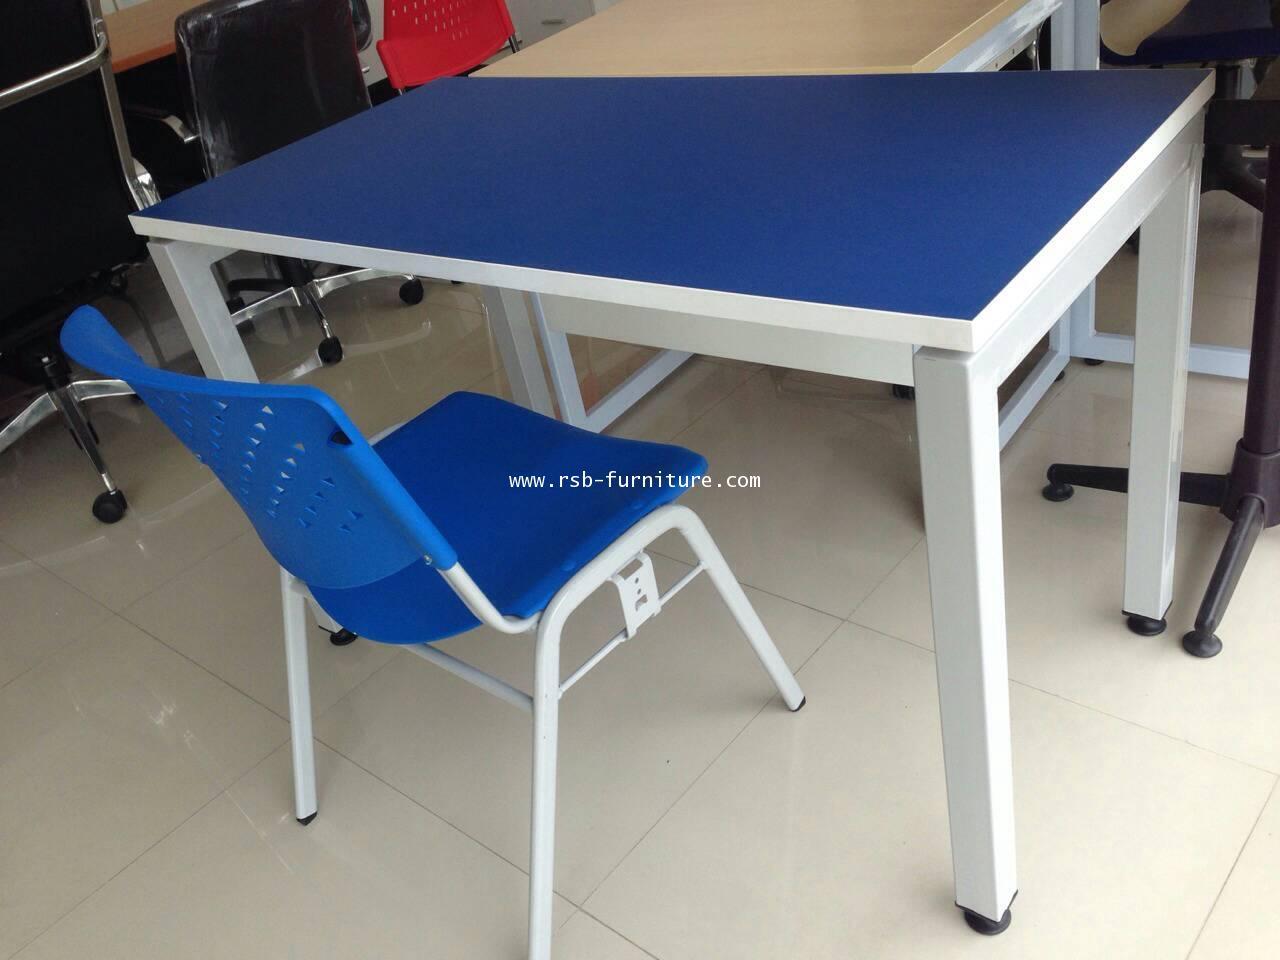 โต๊ะทำงานขาเหล็กกล่องหนา W150XD100XH75CM CM รหัส 1195